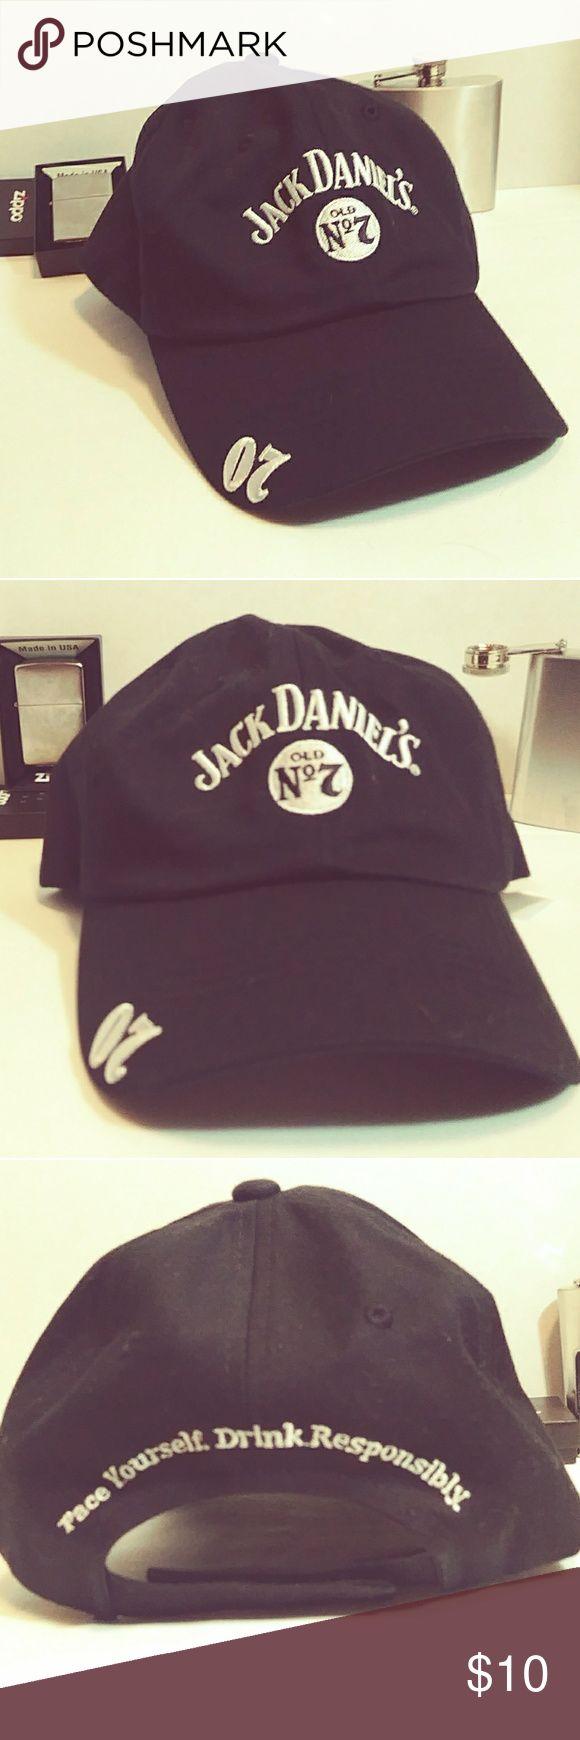 Die besten 25+ Jack daniels shop Ideen auf Pinterest   jack ...